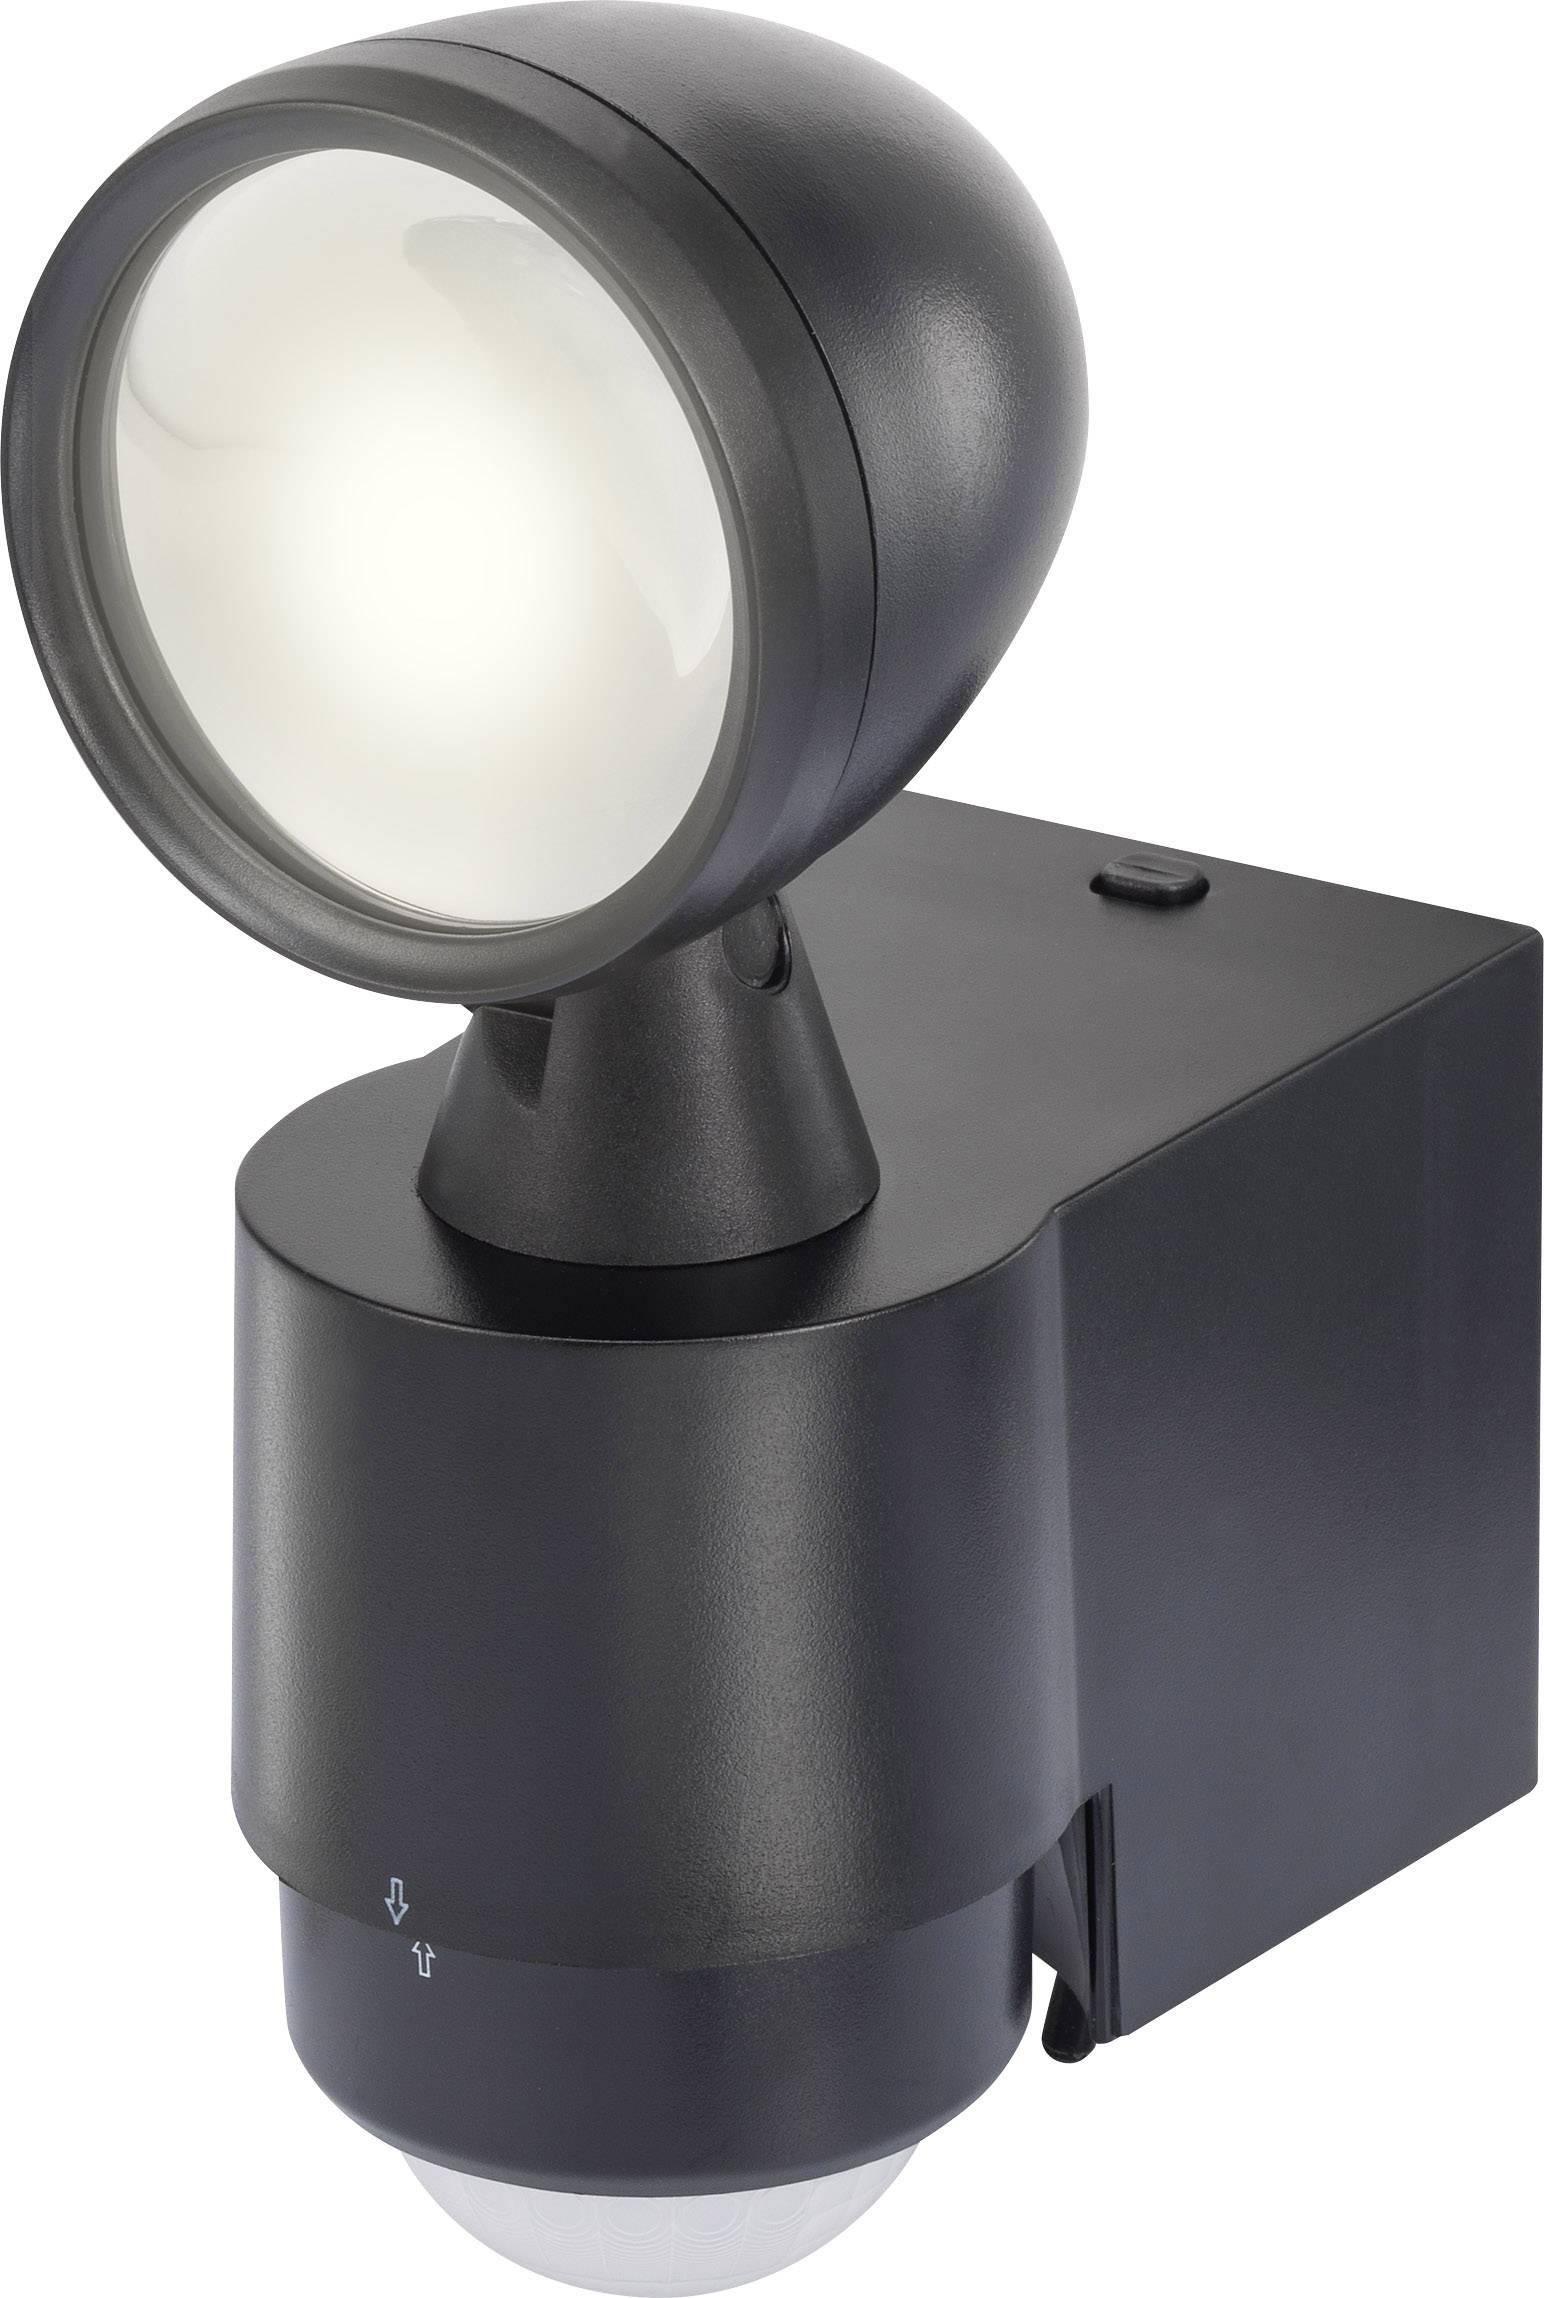 LEDvonkajšieosvetlenie s PIR senzorom 7.5 W neutrálne biela Renkforce Cadiz 1433330 čierna